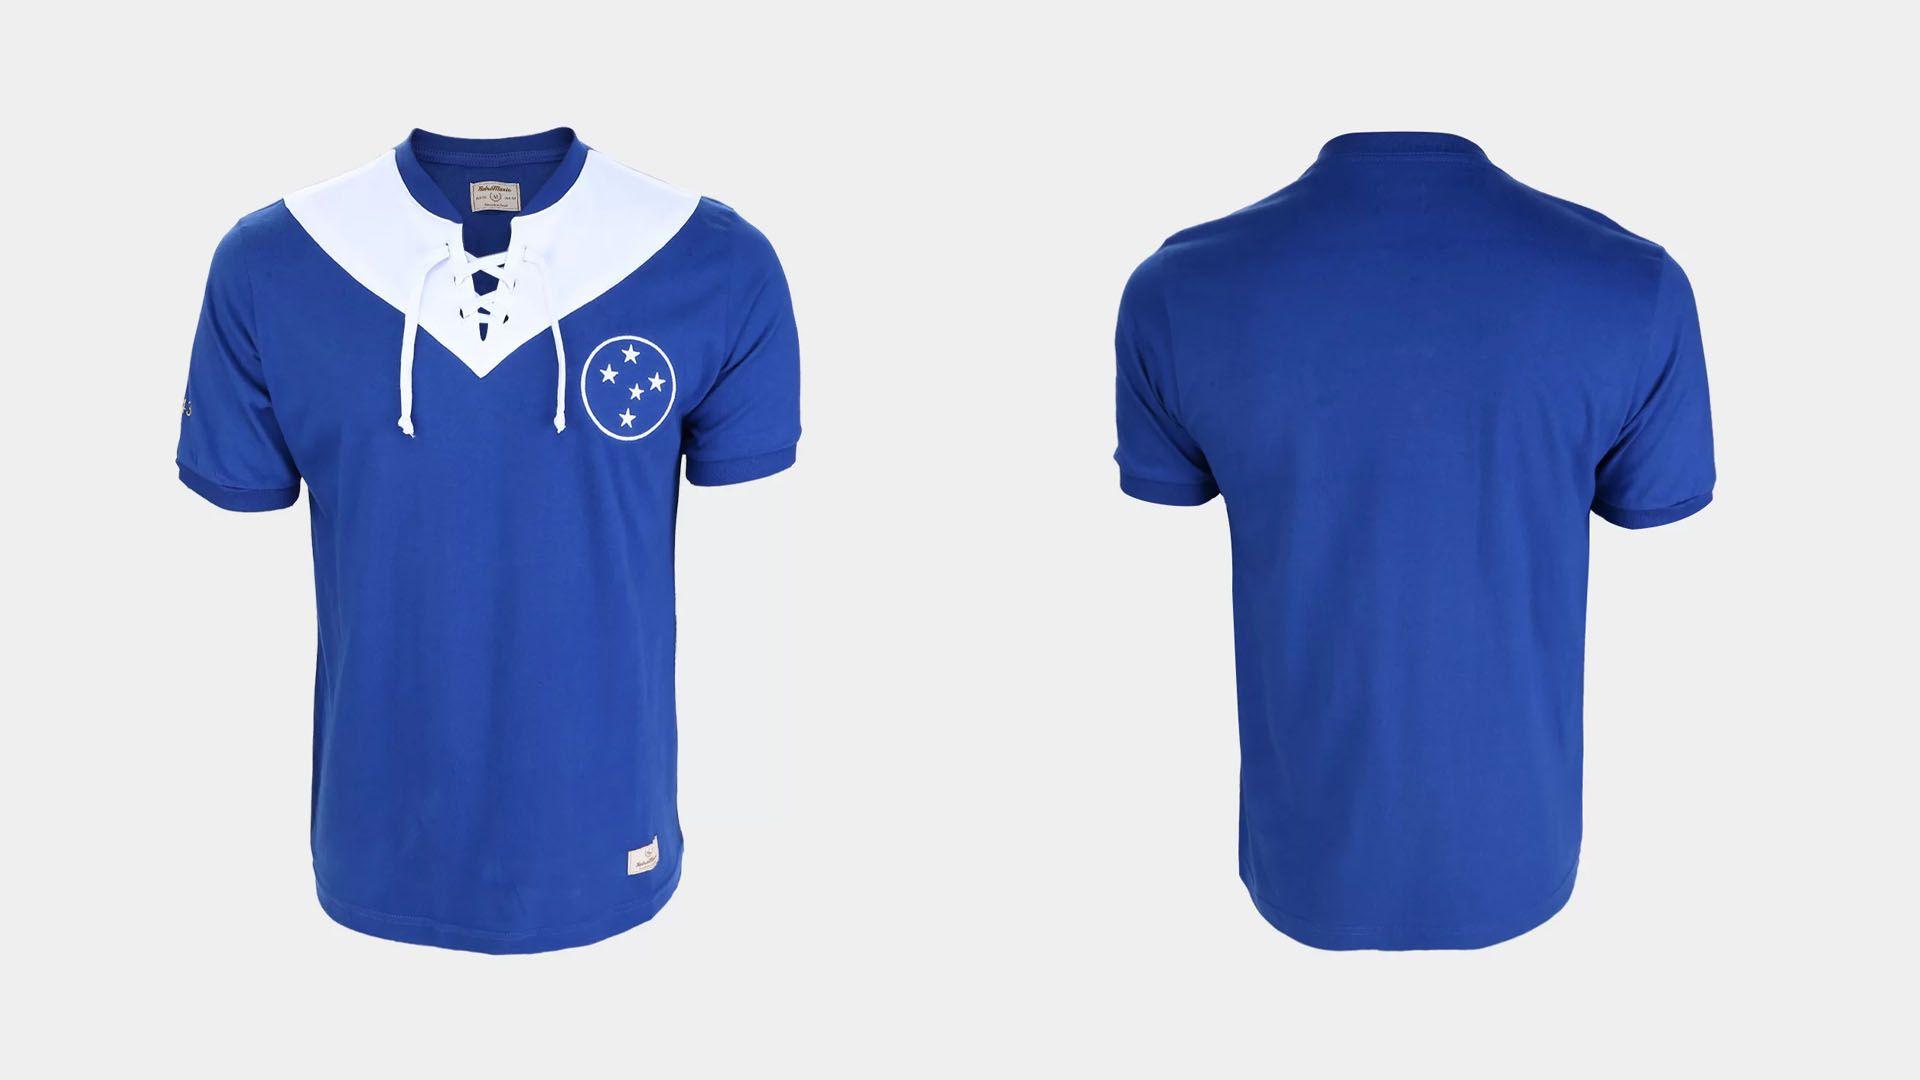 Camisa do Cruzeiro Retrô 1943 (Divulgação/RetrôMania)